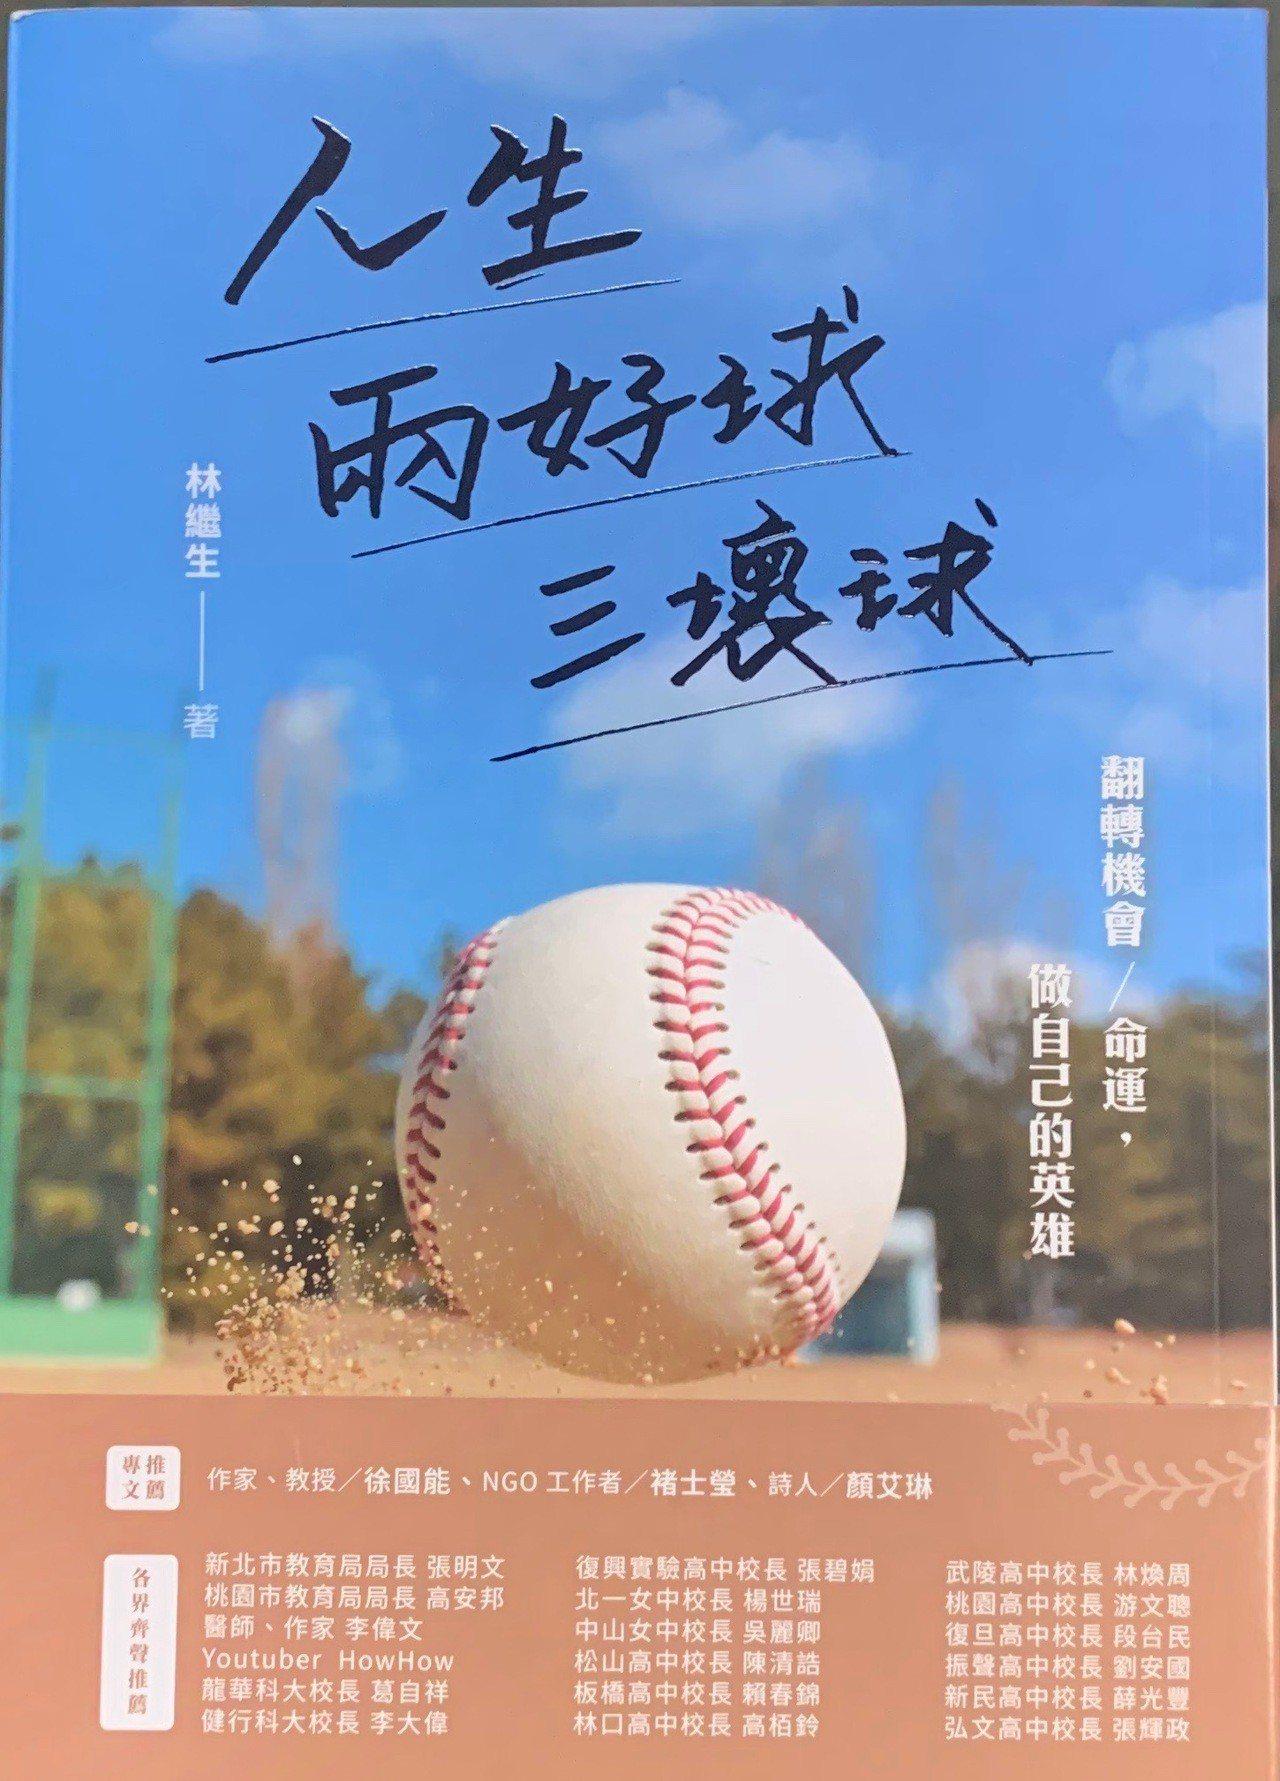 「人生兩好球三壞球」新書勉勵任何人把握關鍵時刻翻轉機會、命運,做自己的英雄。記者...